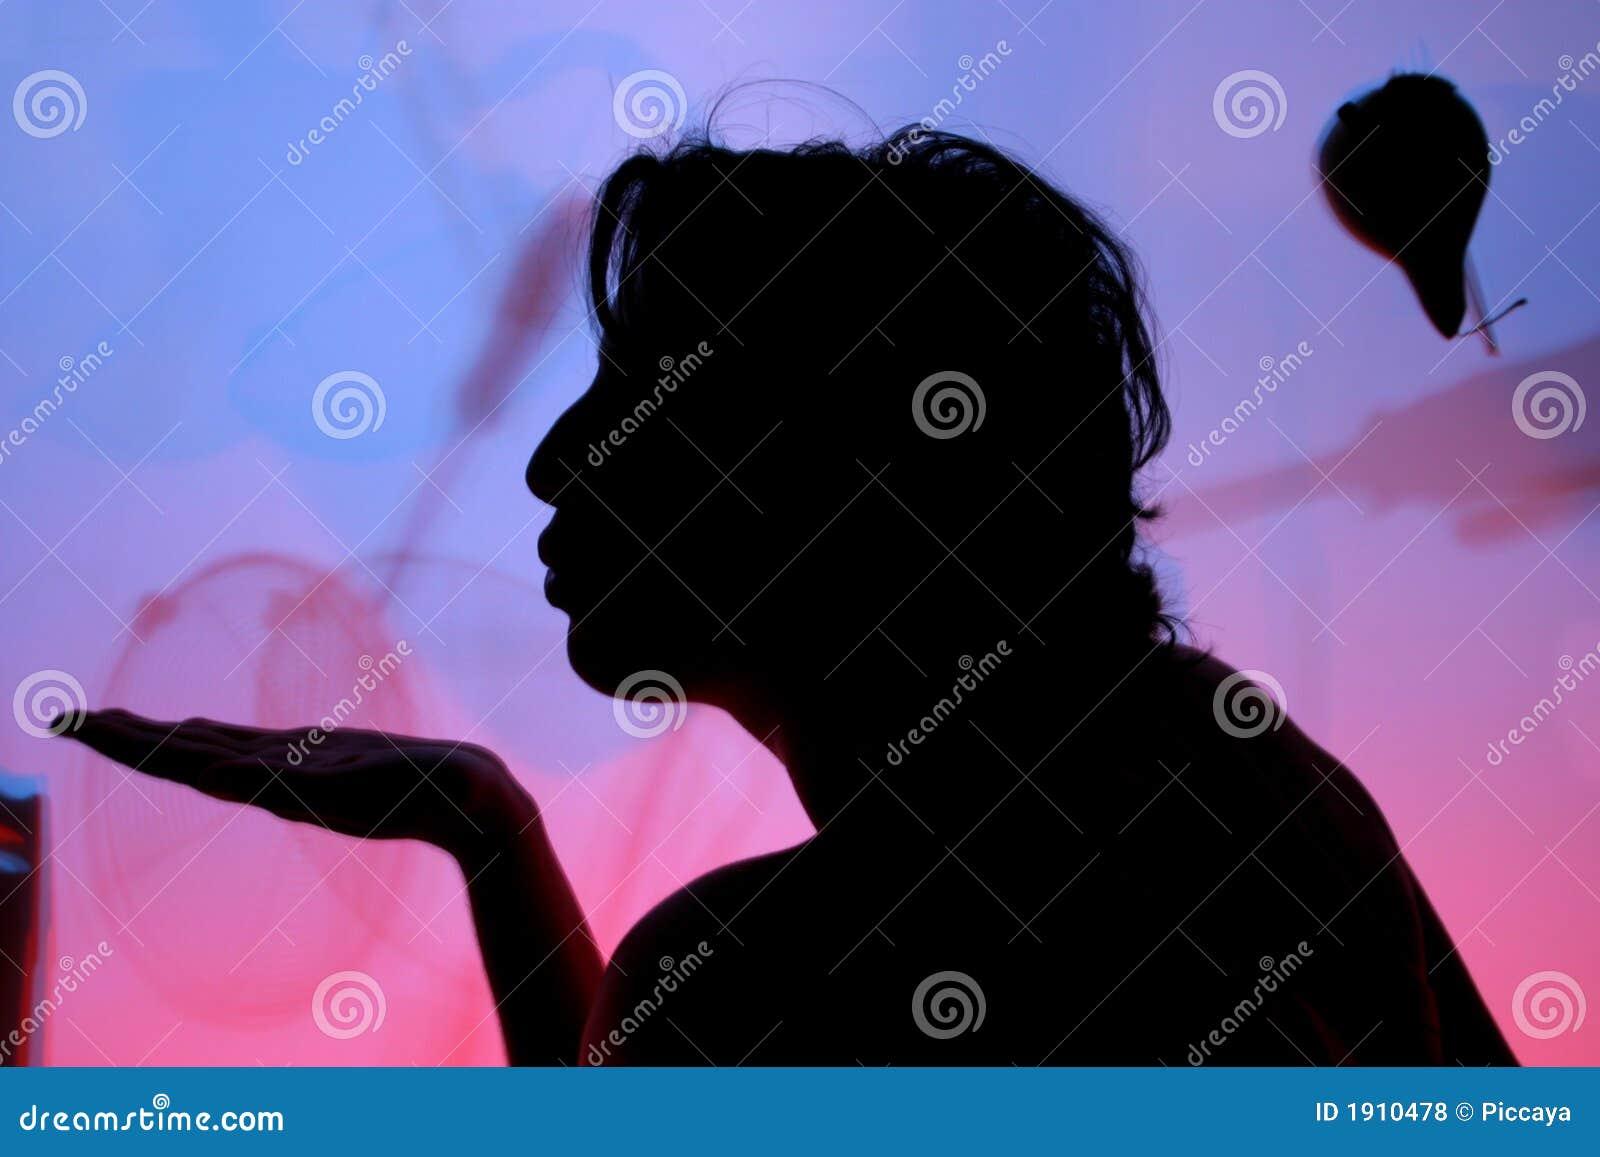 a kiss of shadows pdf free